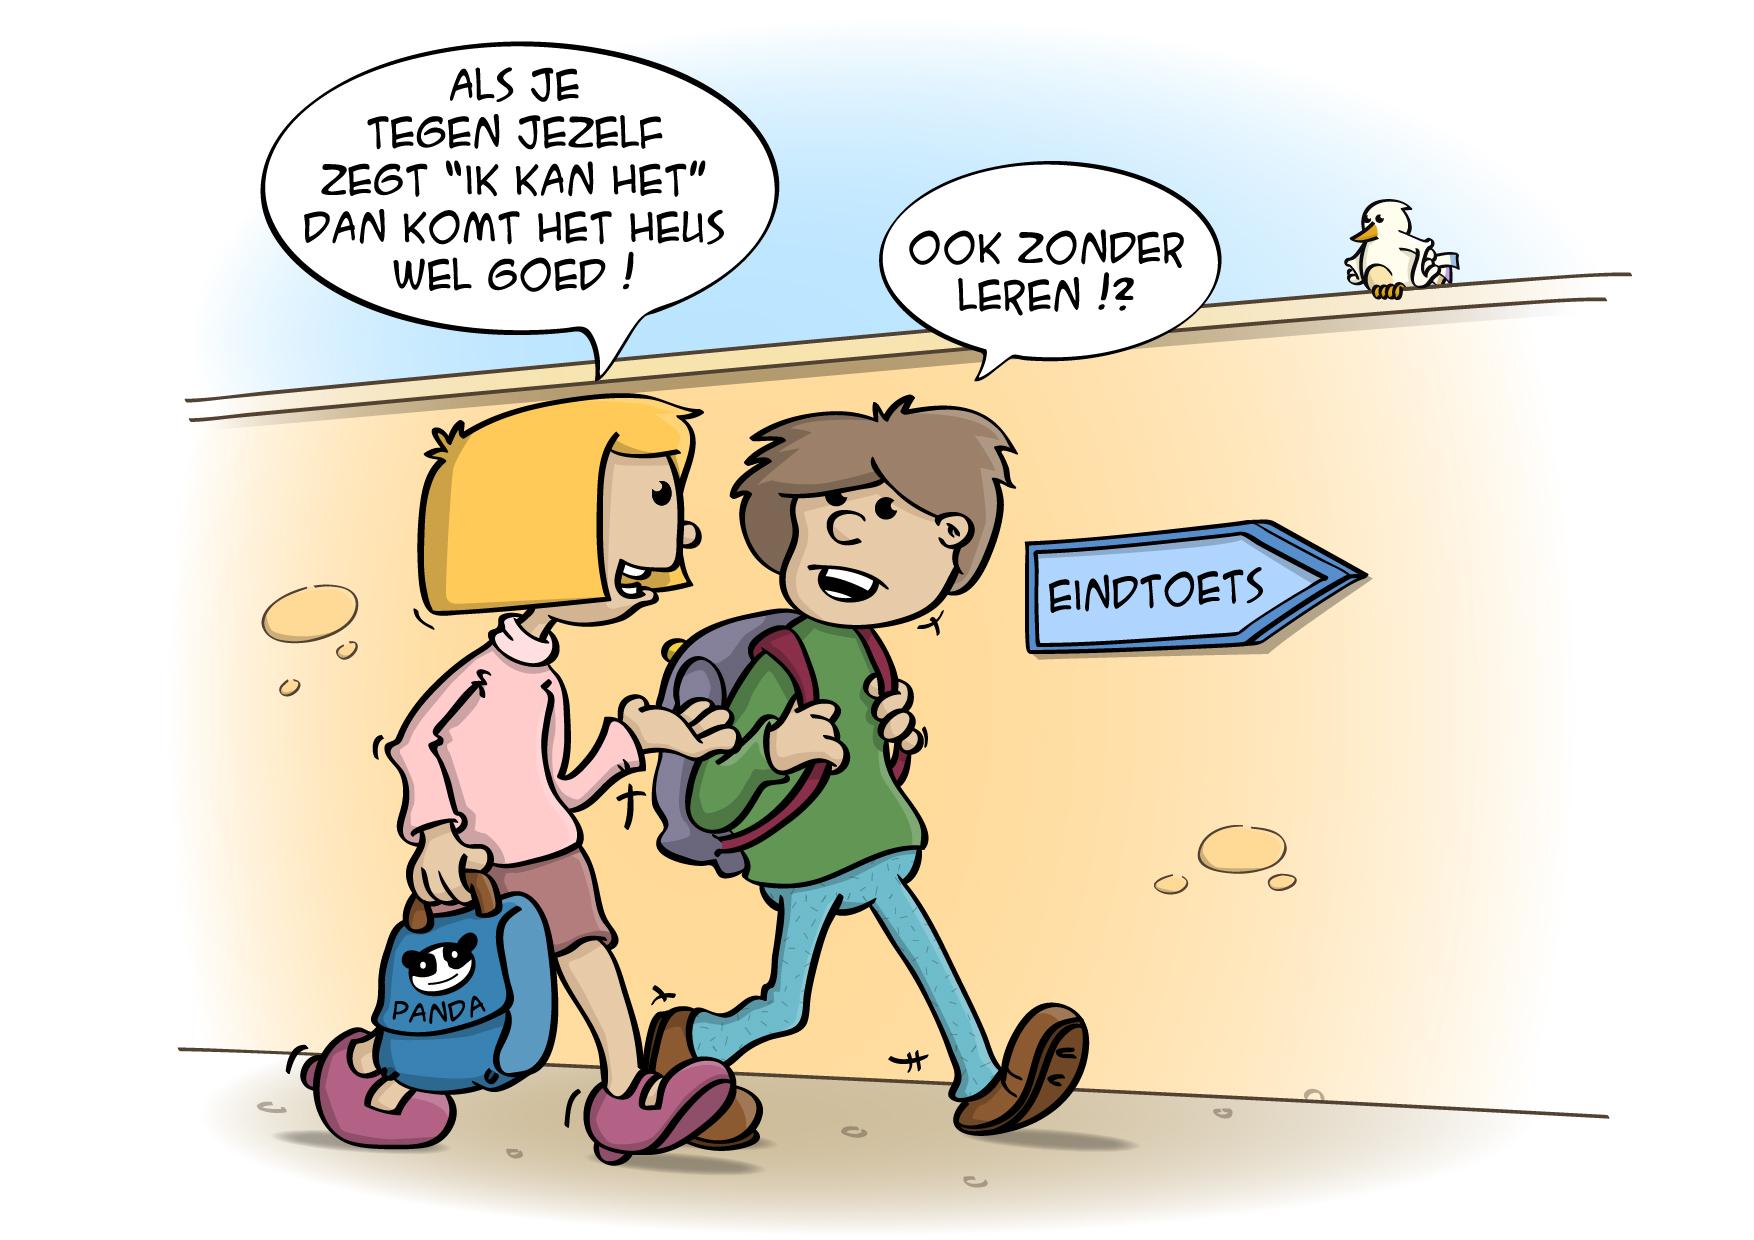 Educatieve Illustratie voor lesboek; Ook zonder leren komt het goed toch?